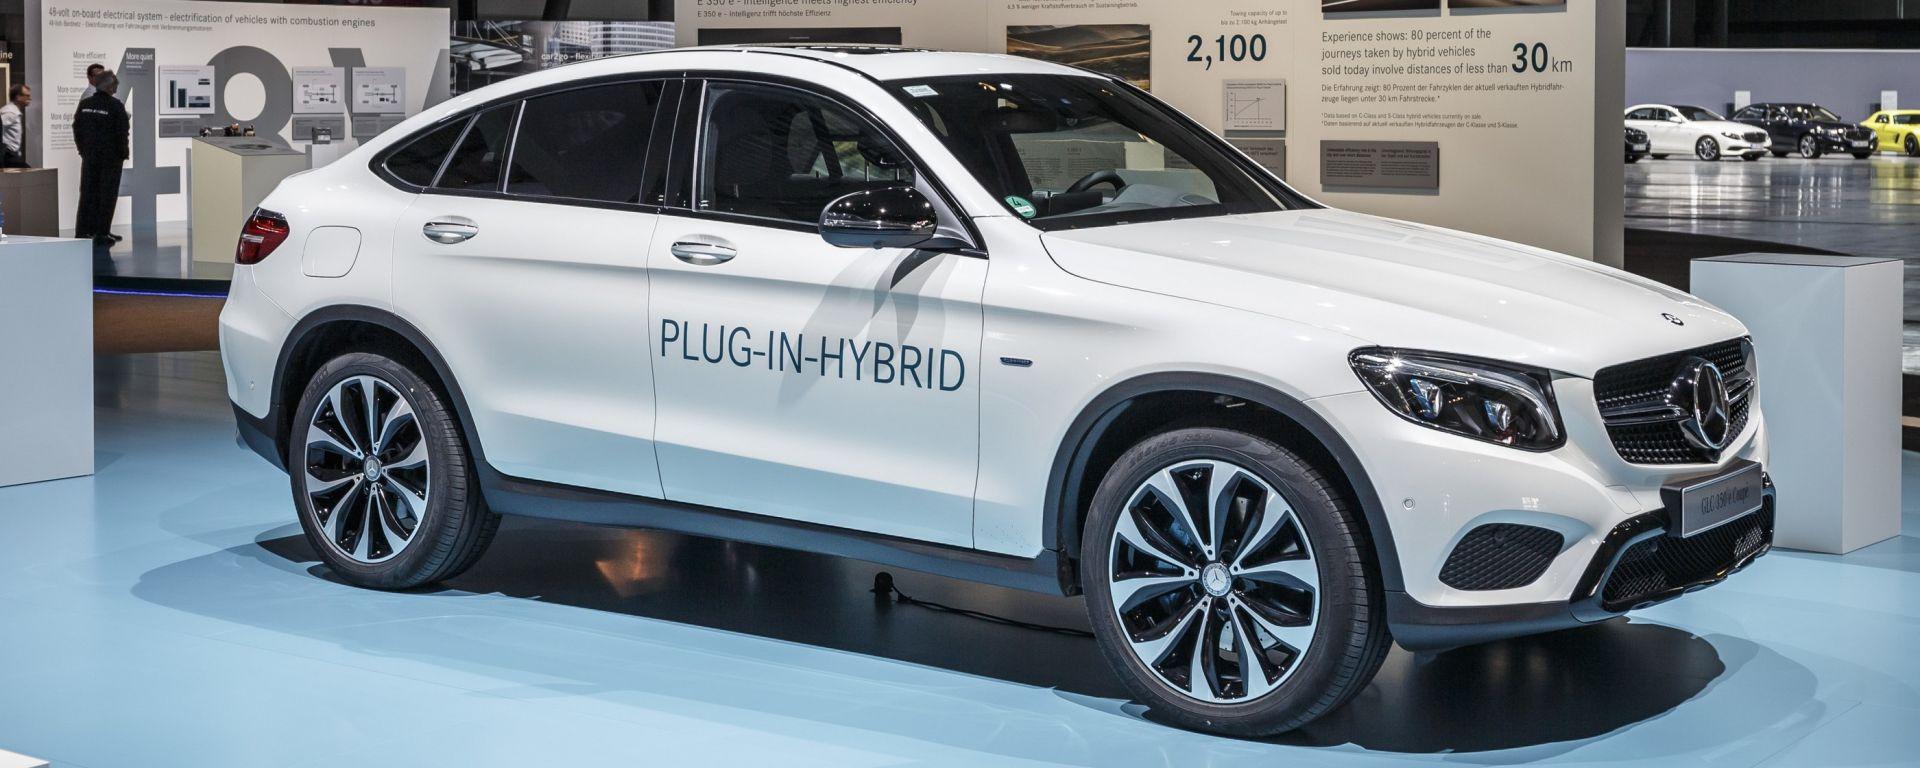 Auto Elettriche Mercedes Pensa Al Futuro Elettrico